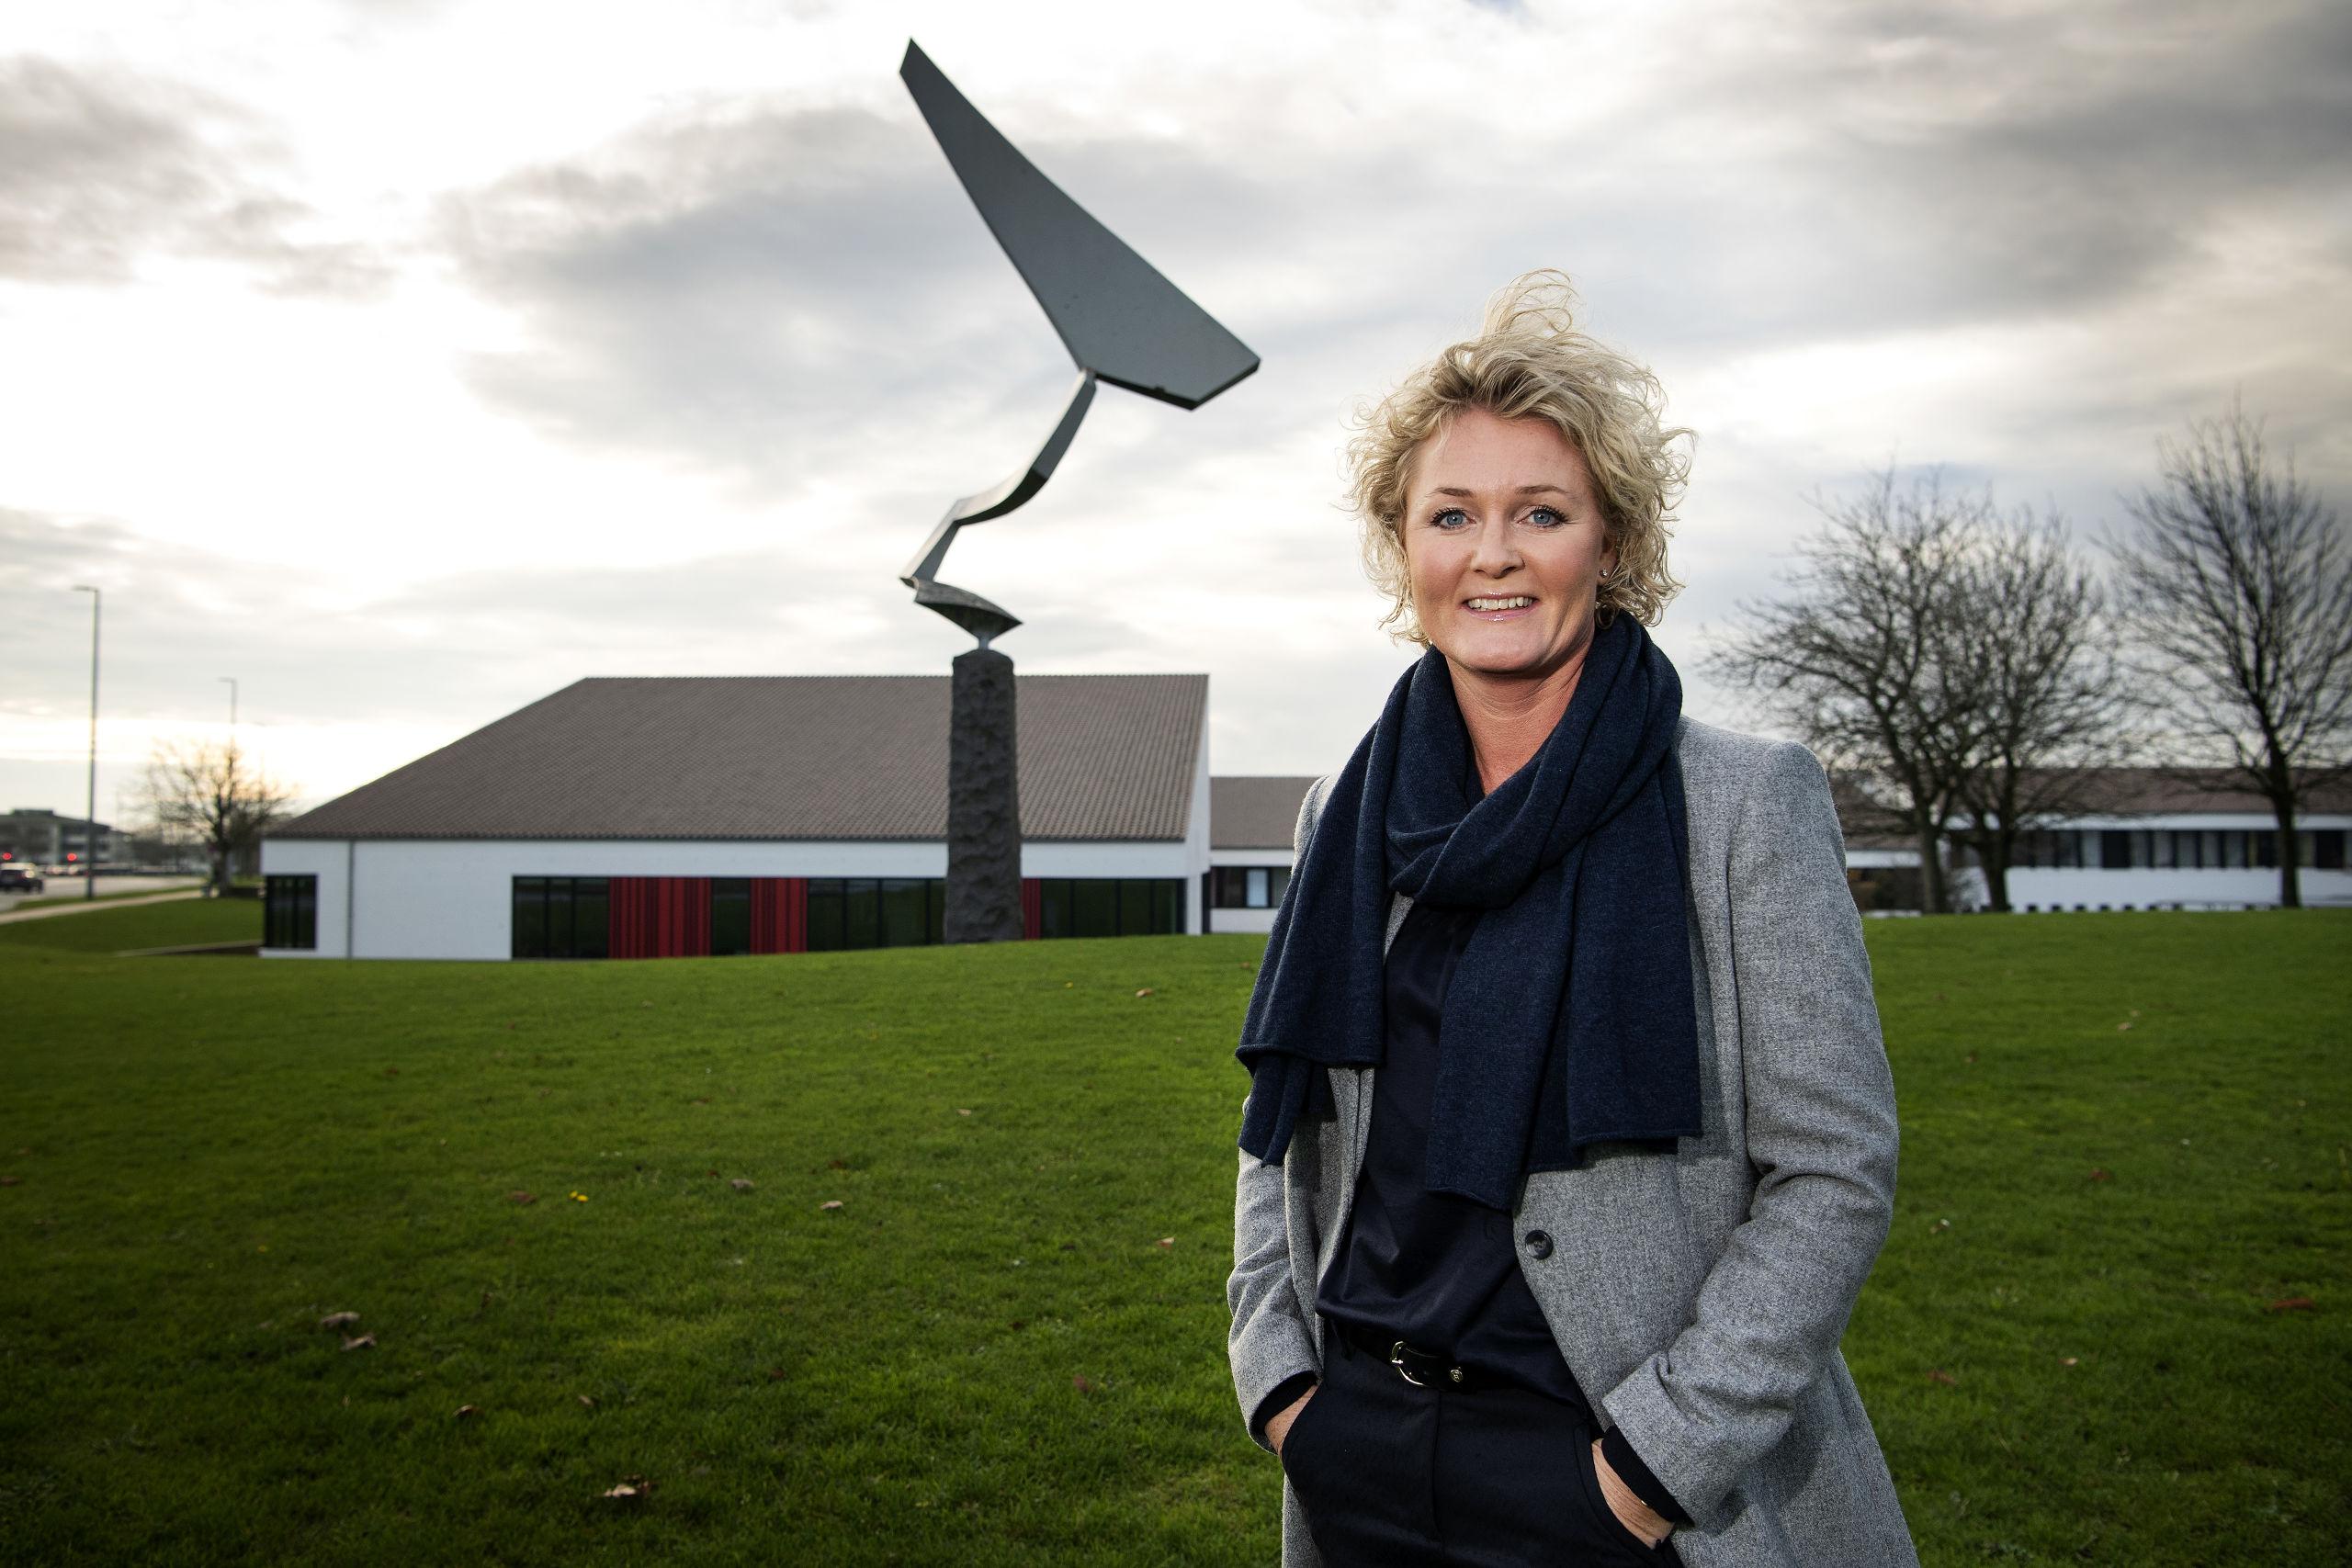 Hun flyttede for en periode til København, men efter hun og hendes mand blev forældre, valgte de at flytte til Aalborg. Foto: Henrik Bo